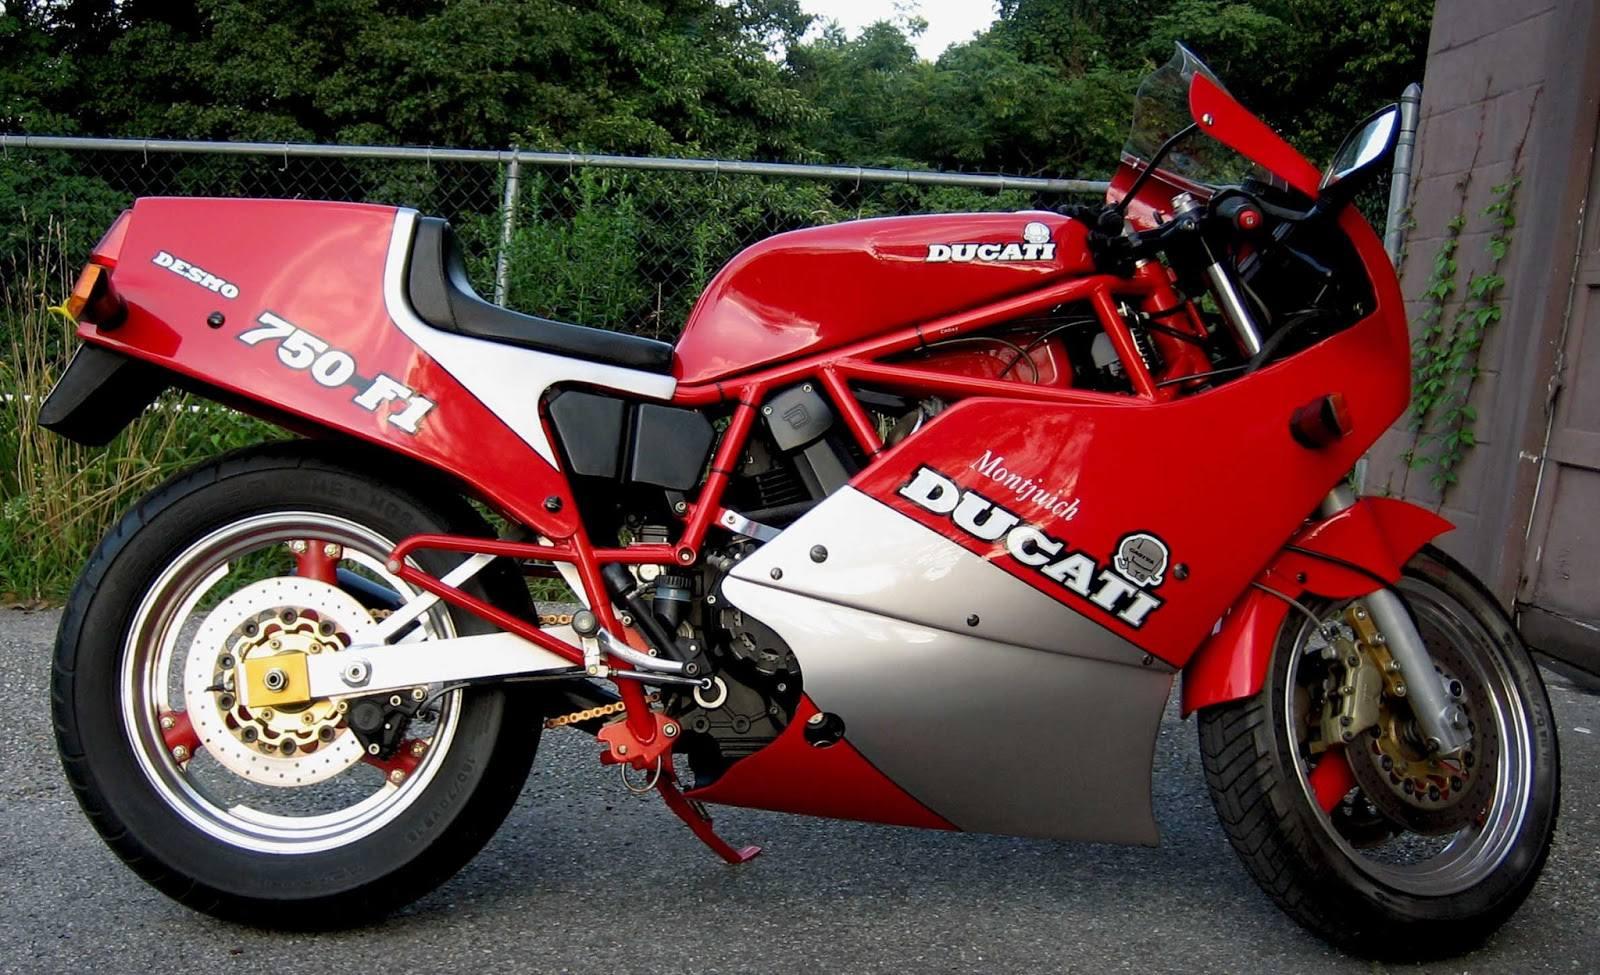 Moto del día: Ducati 750 F1